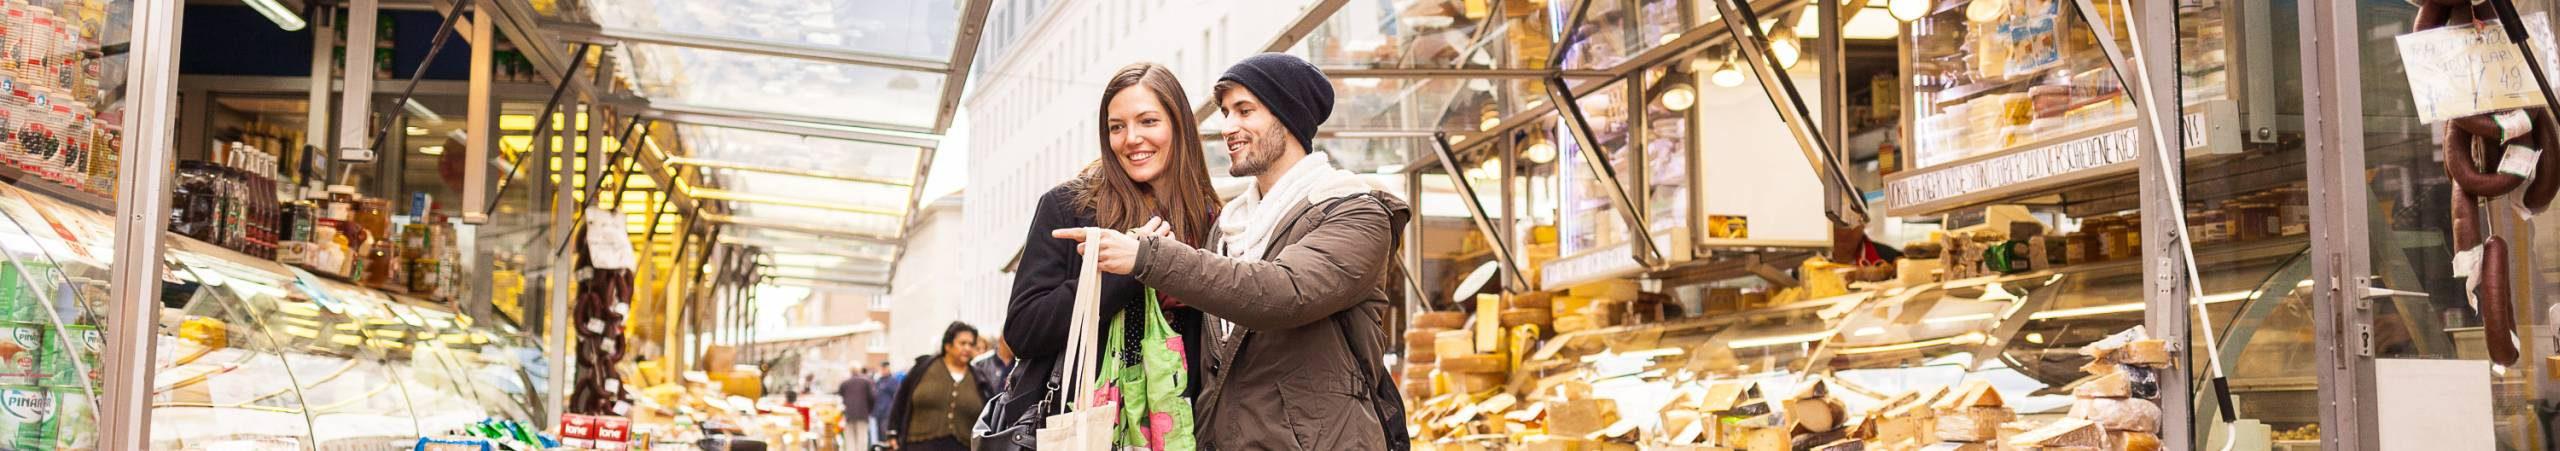 Ein junges Paar geht am Markt spazieren und erfreut sich an den frischen Produkten. Foto von Stephan Doleschal.